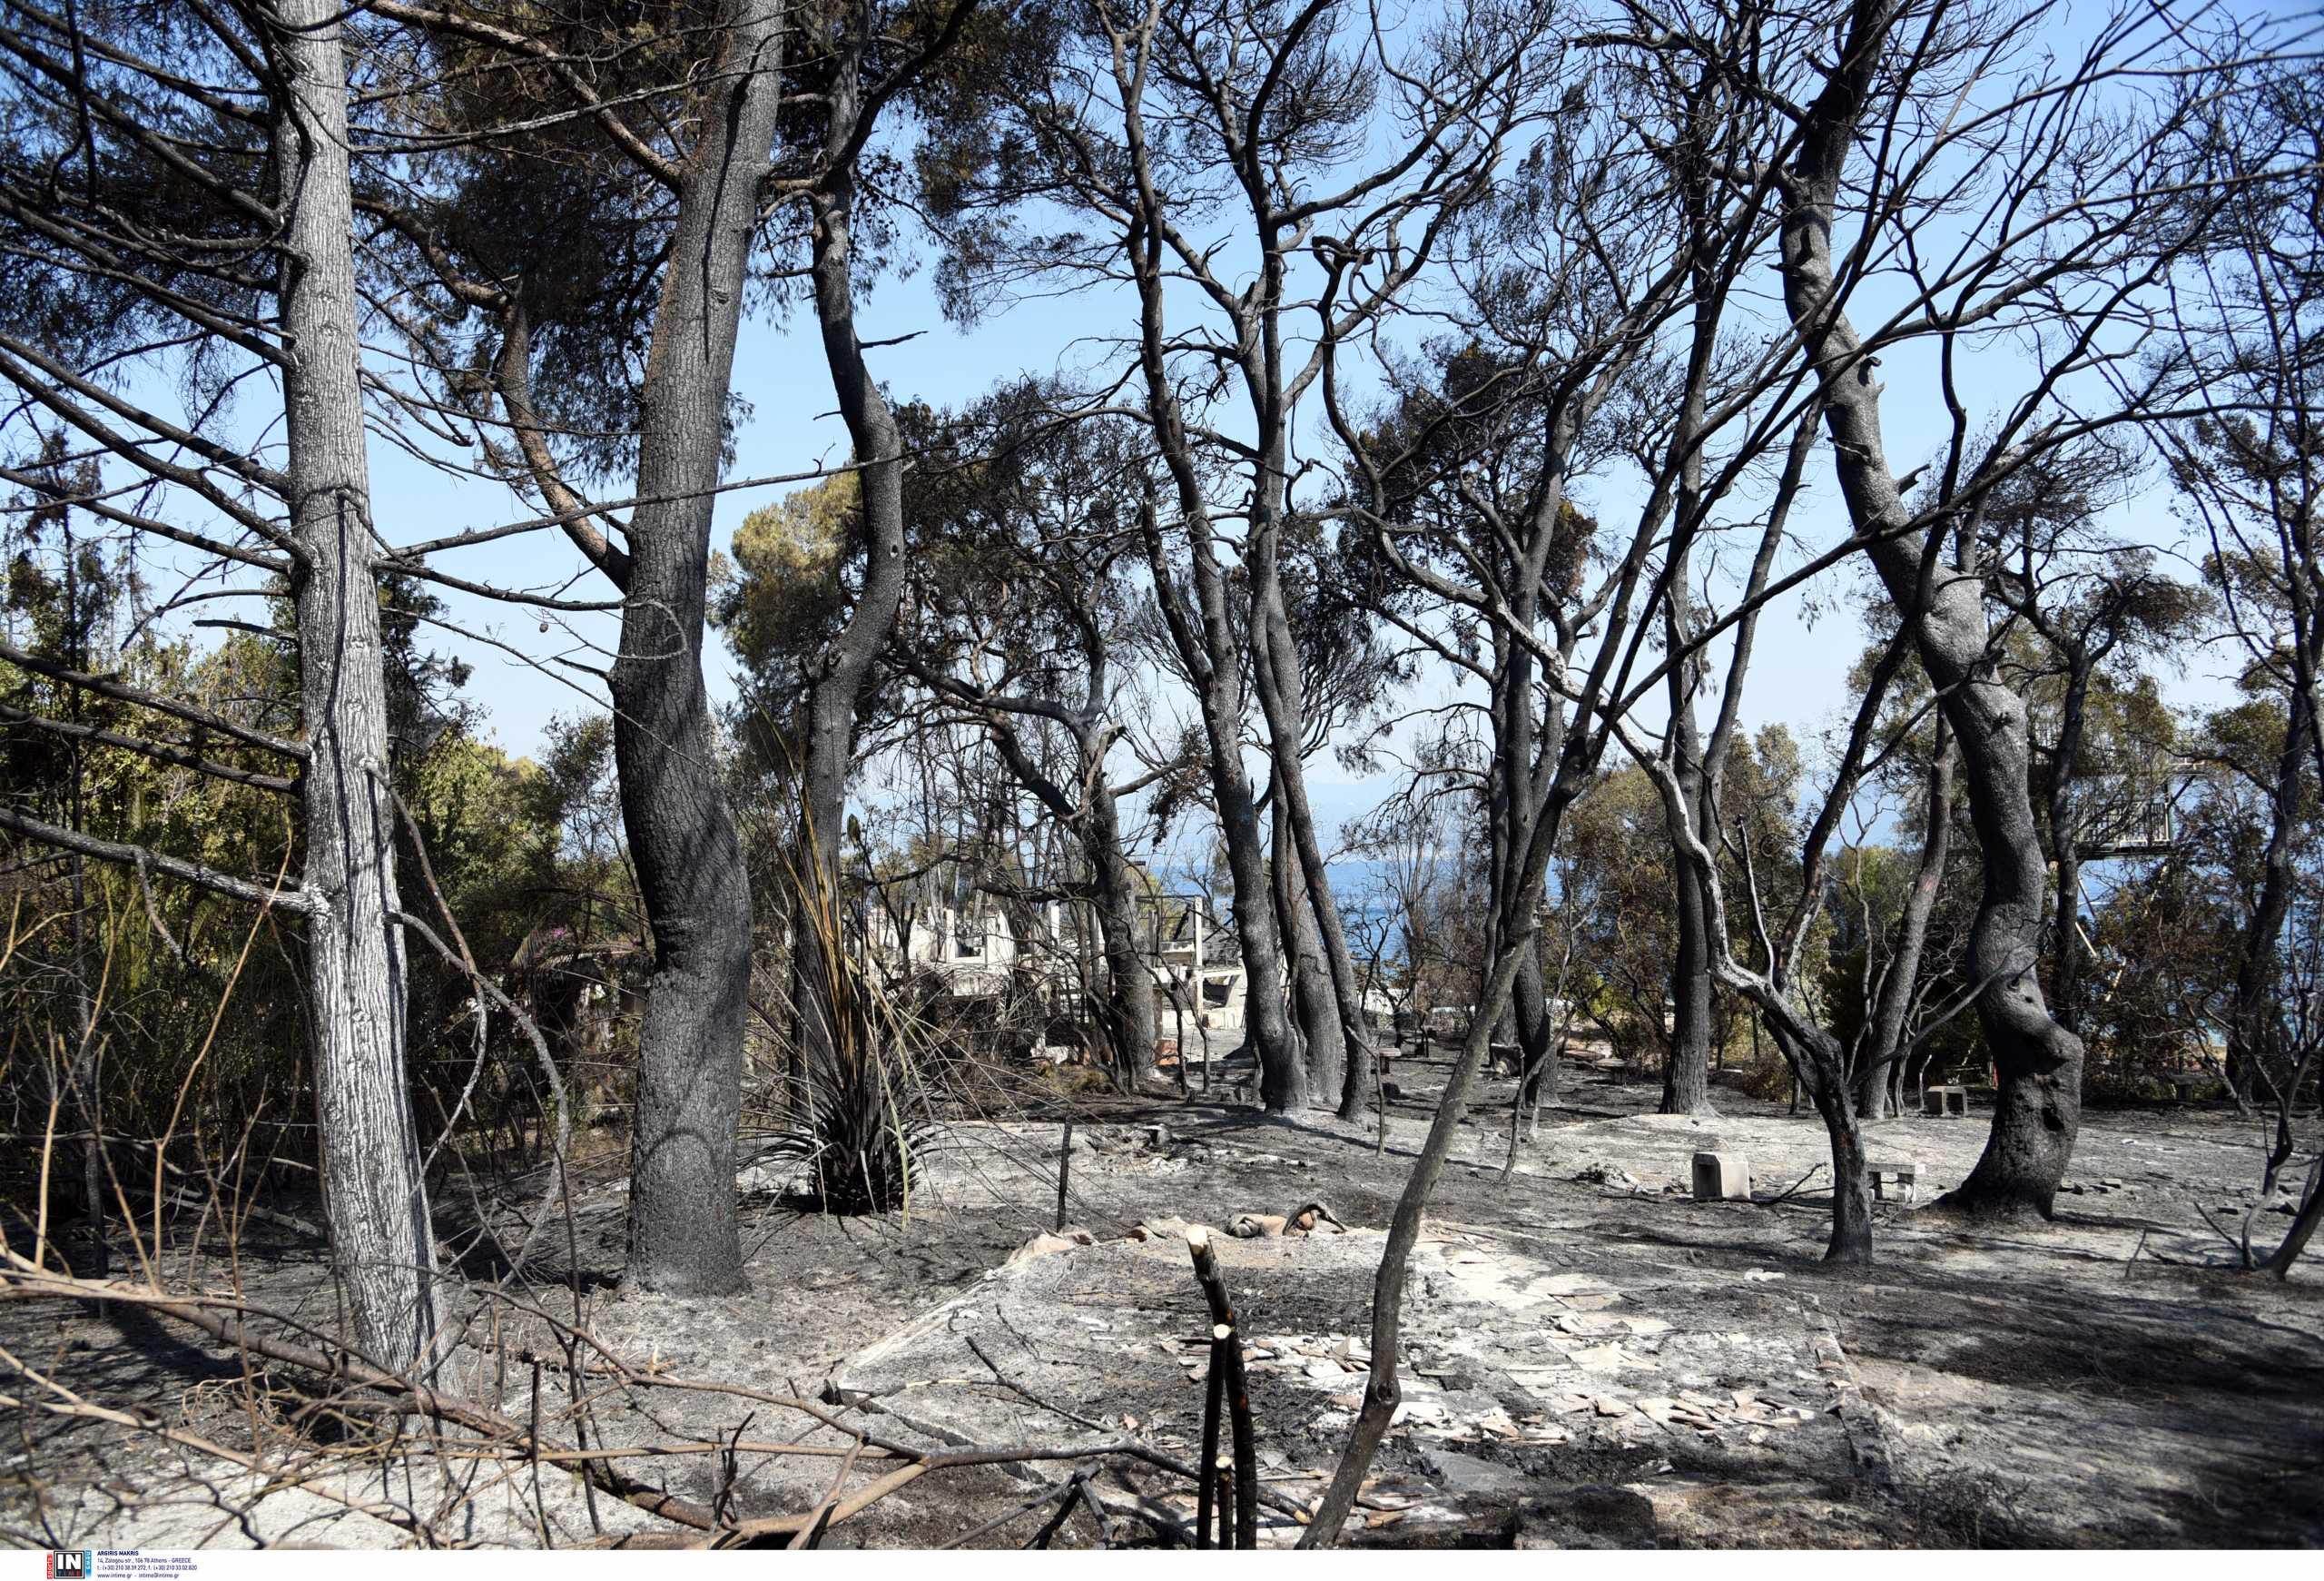 Φωτιά στην Αχαΐα: Εμπρησμός στη Δροσιά, αμέλεια στην Ελεκίστρα